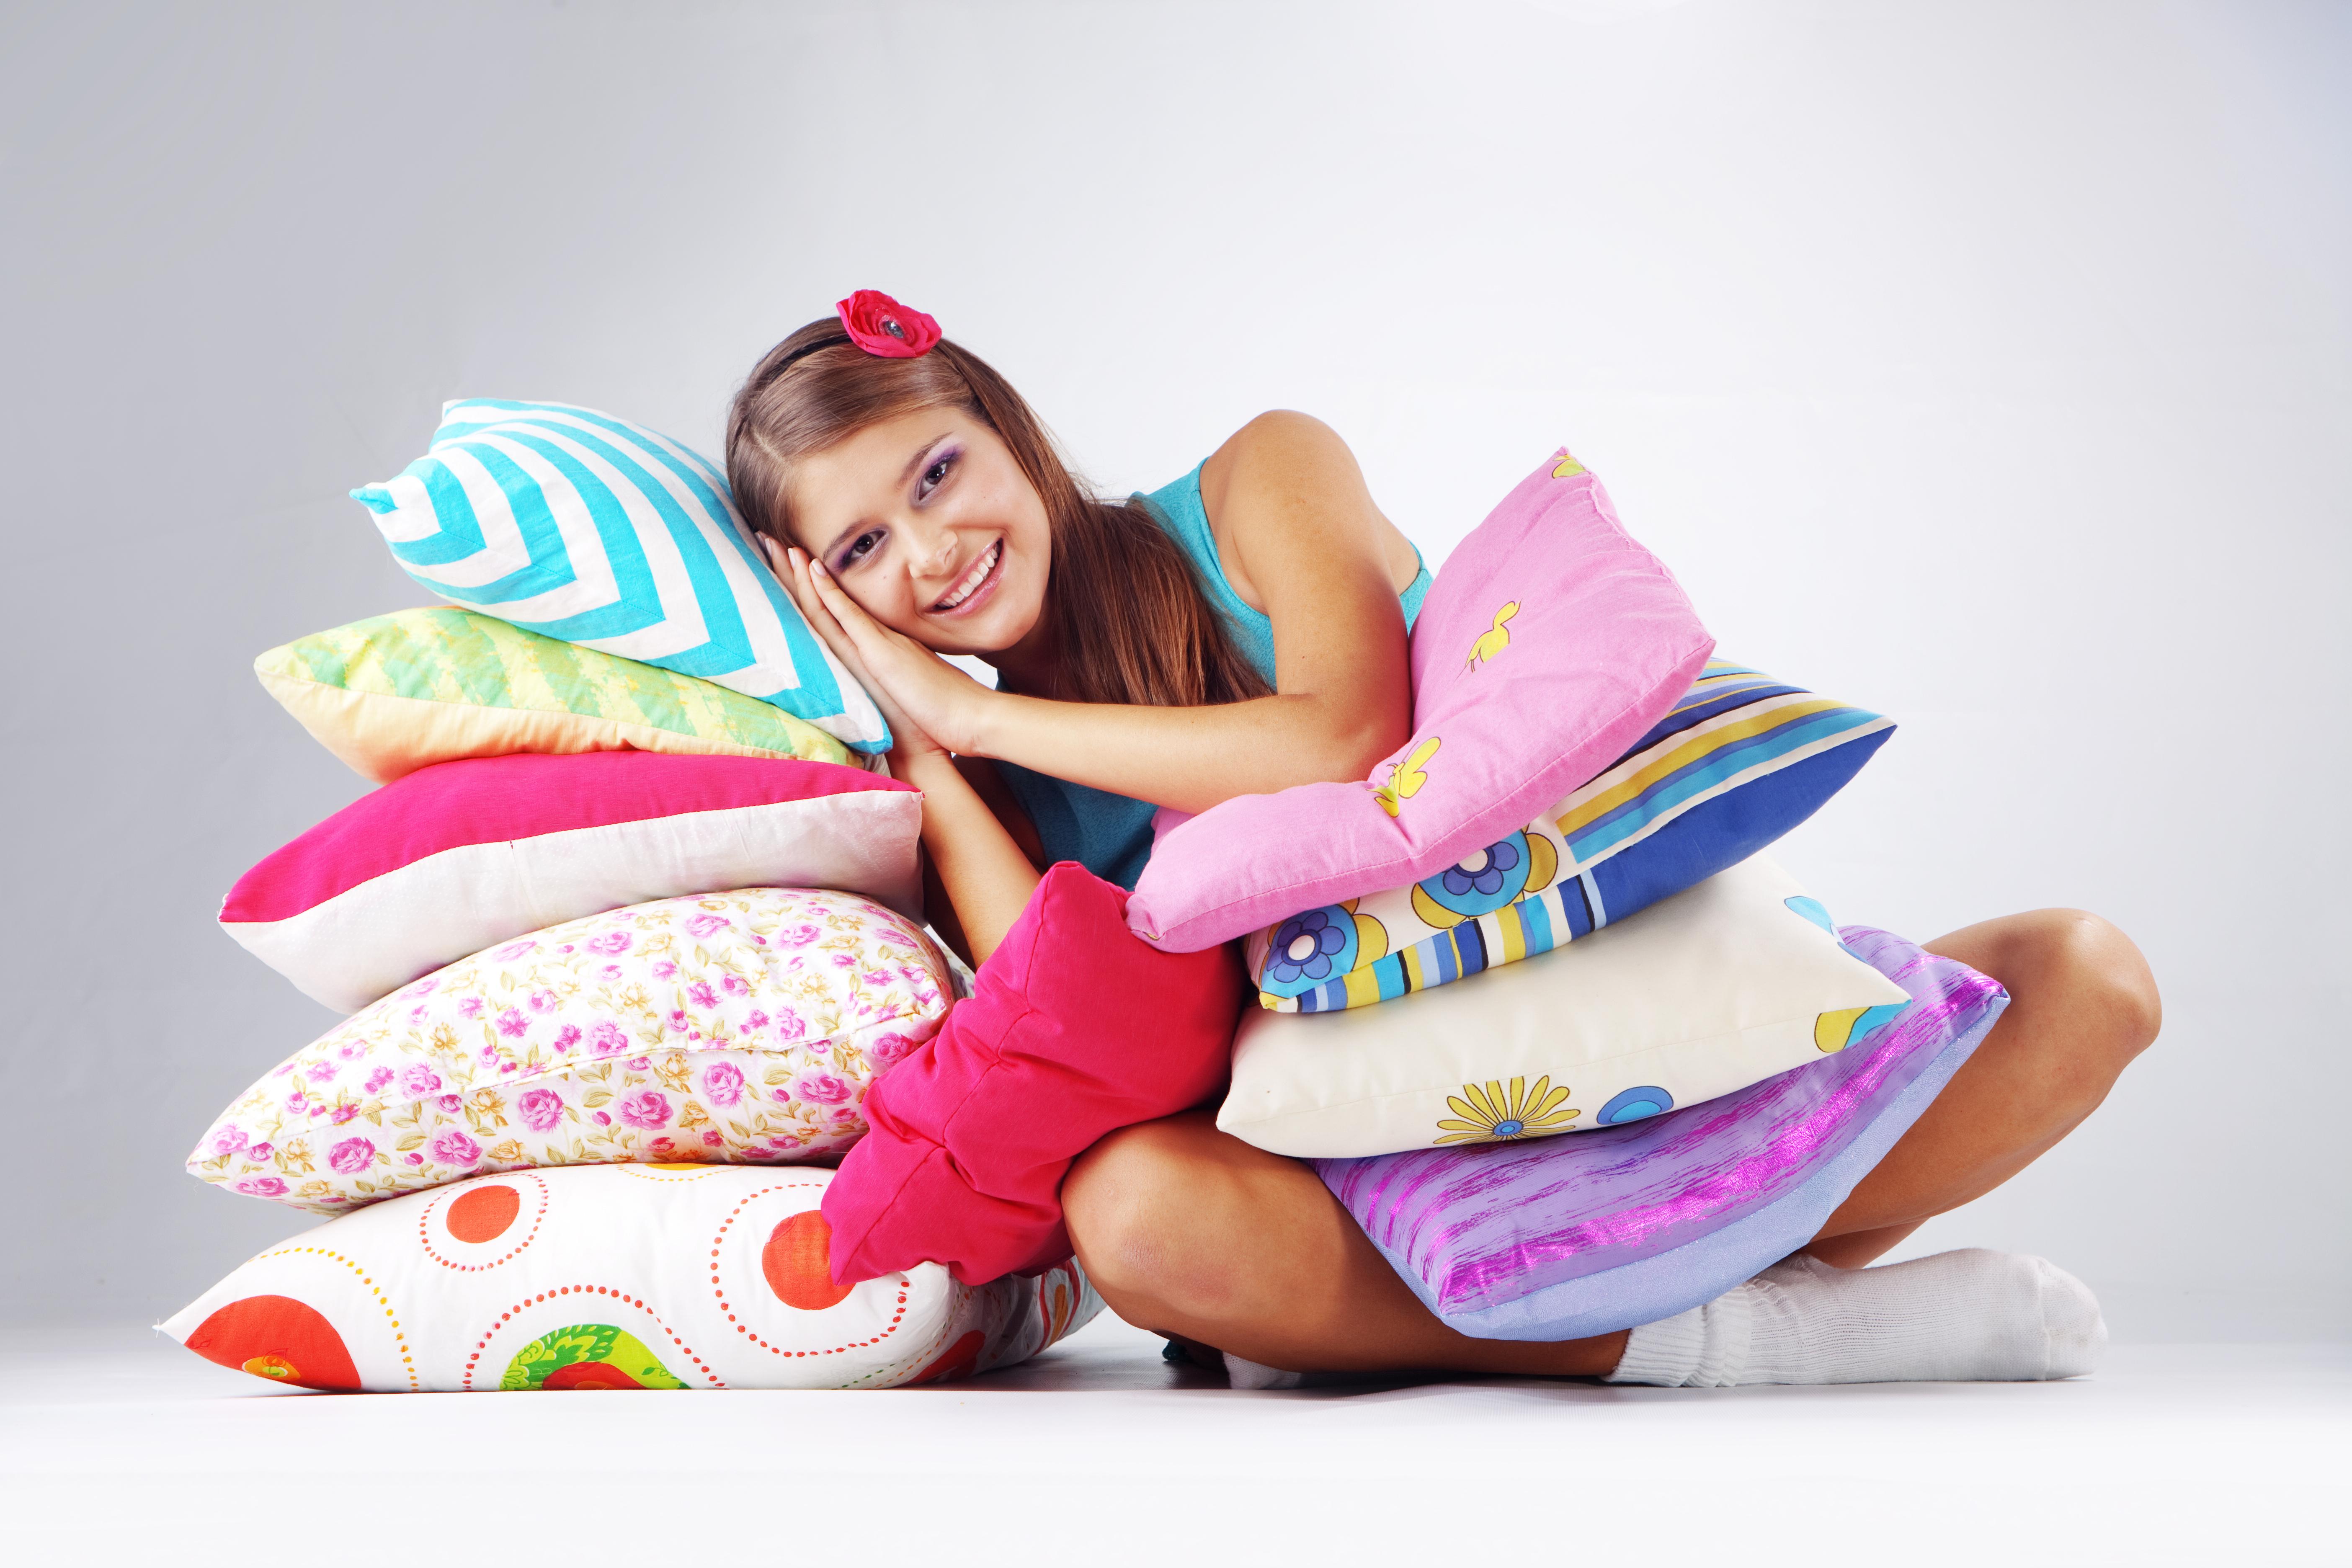 dziewczynka leży na poduszkach